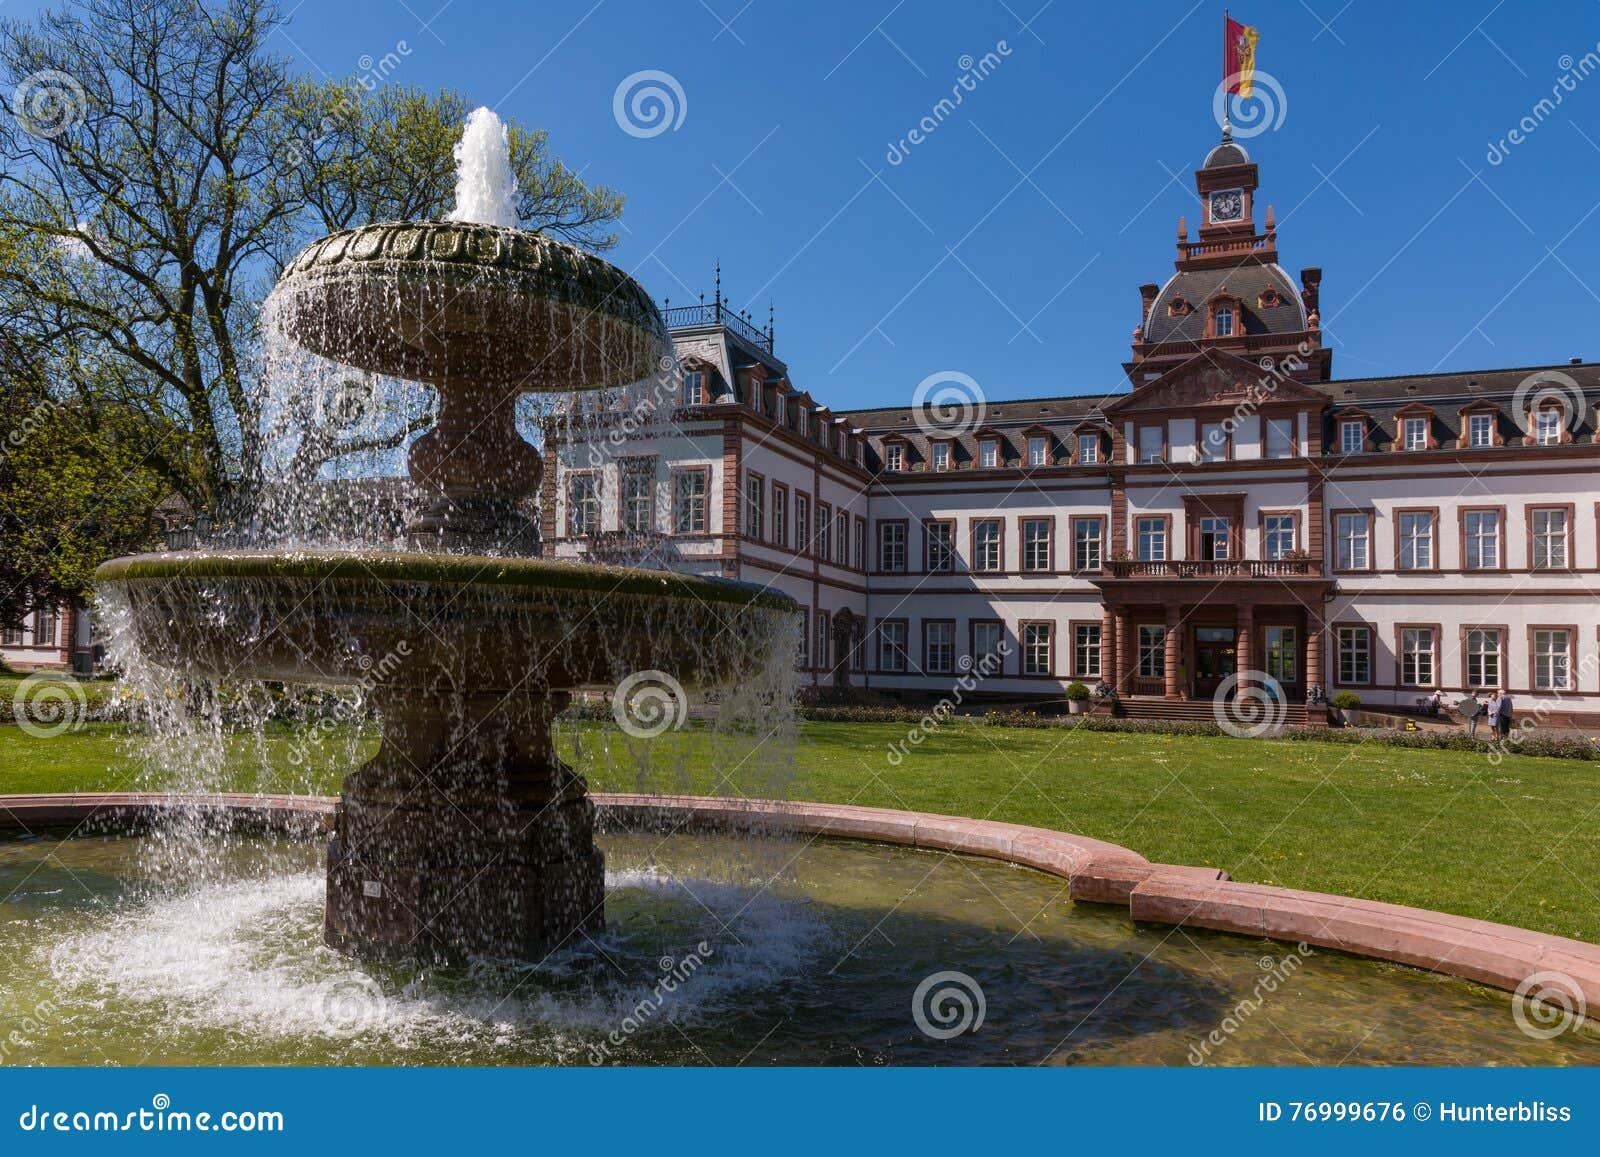 在纪念碑之外的城堡Philippsruhe哈瑙外部建筑学